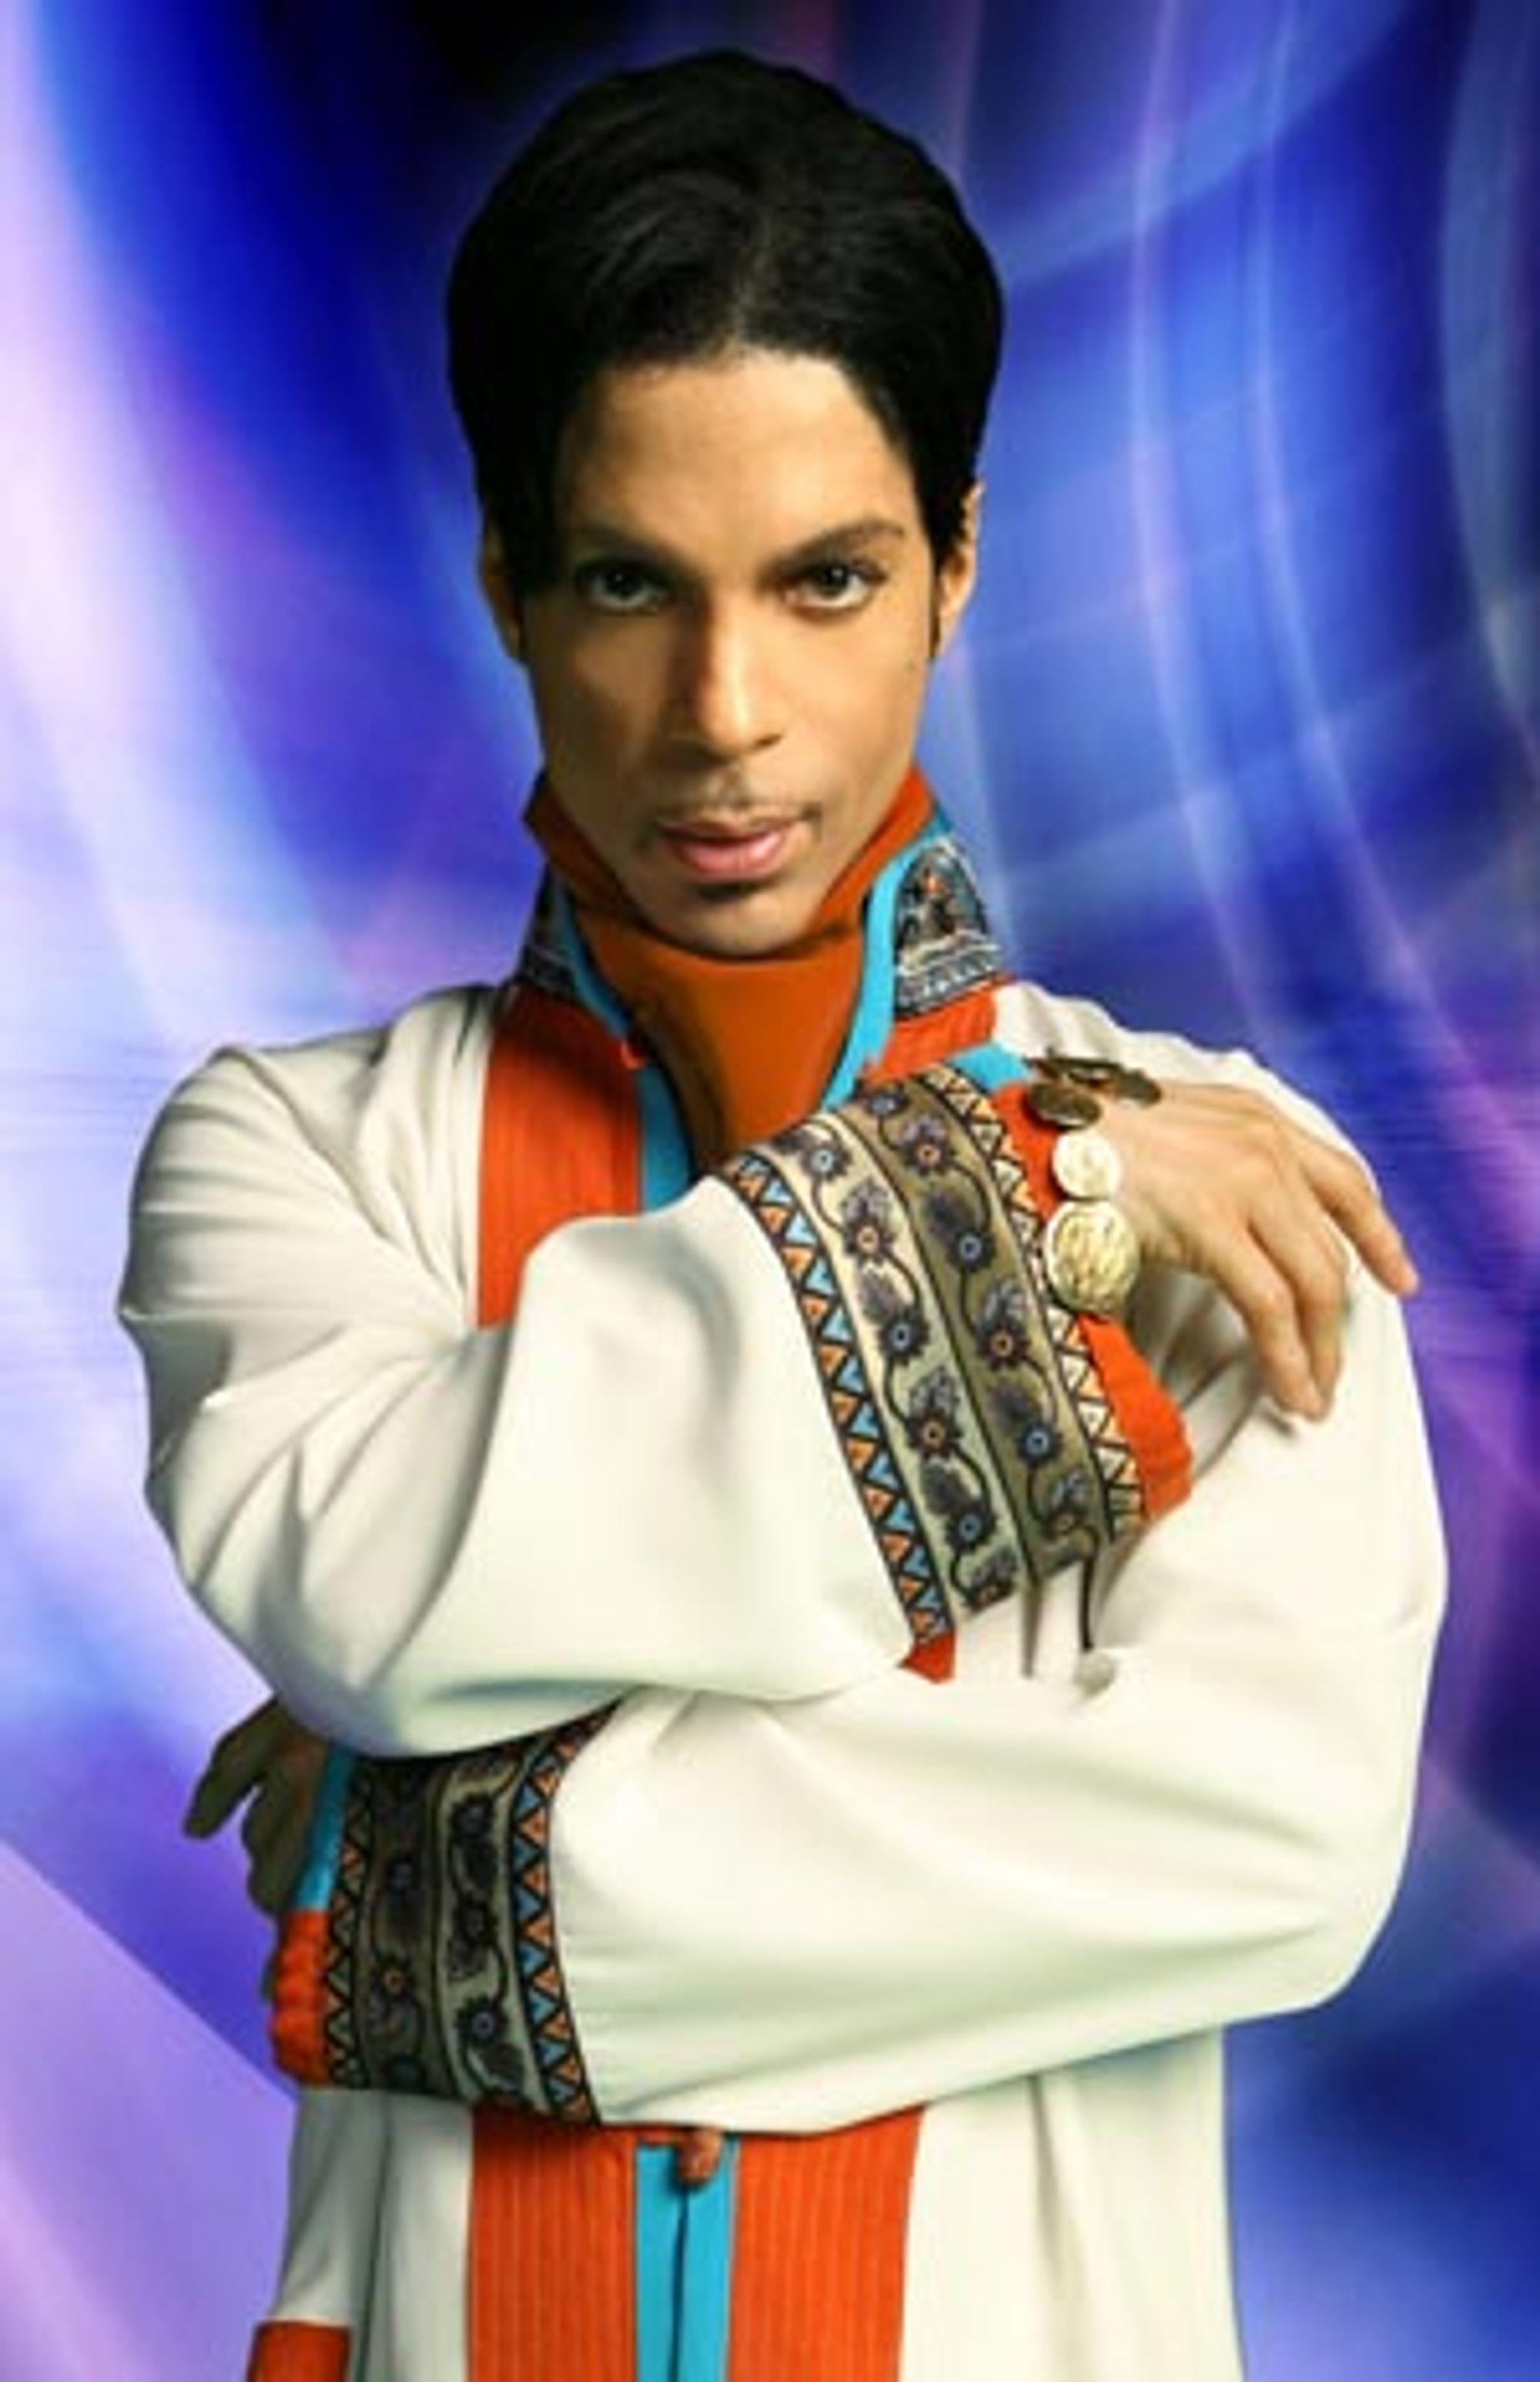 Prince går hardt ut mot egne fans.